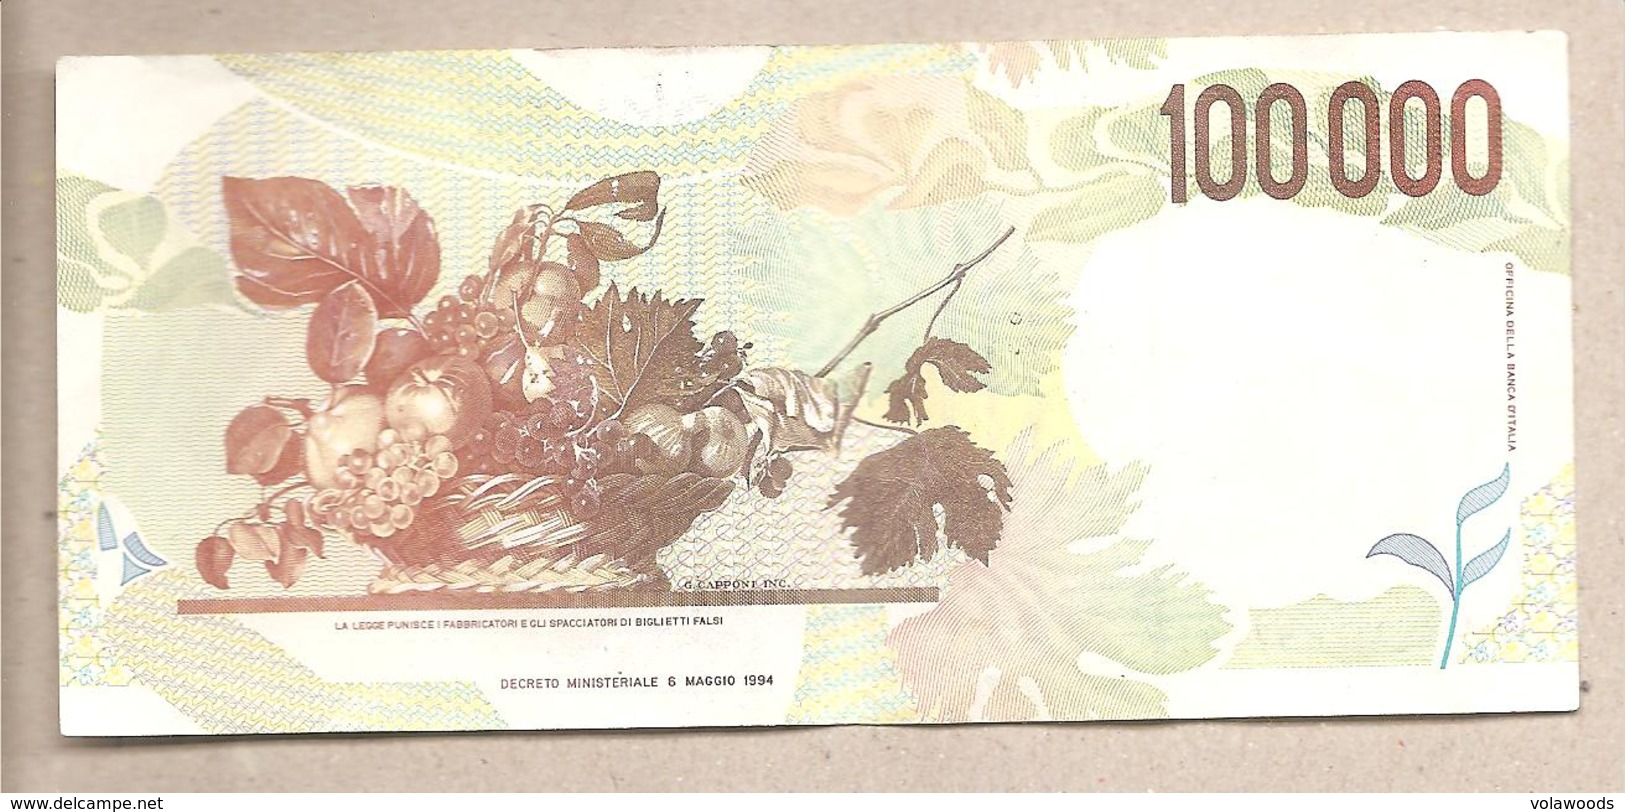 Italia - Banconota Circolata Da 100.000 Lire P-117b  - 1998 - 100000 Lire